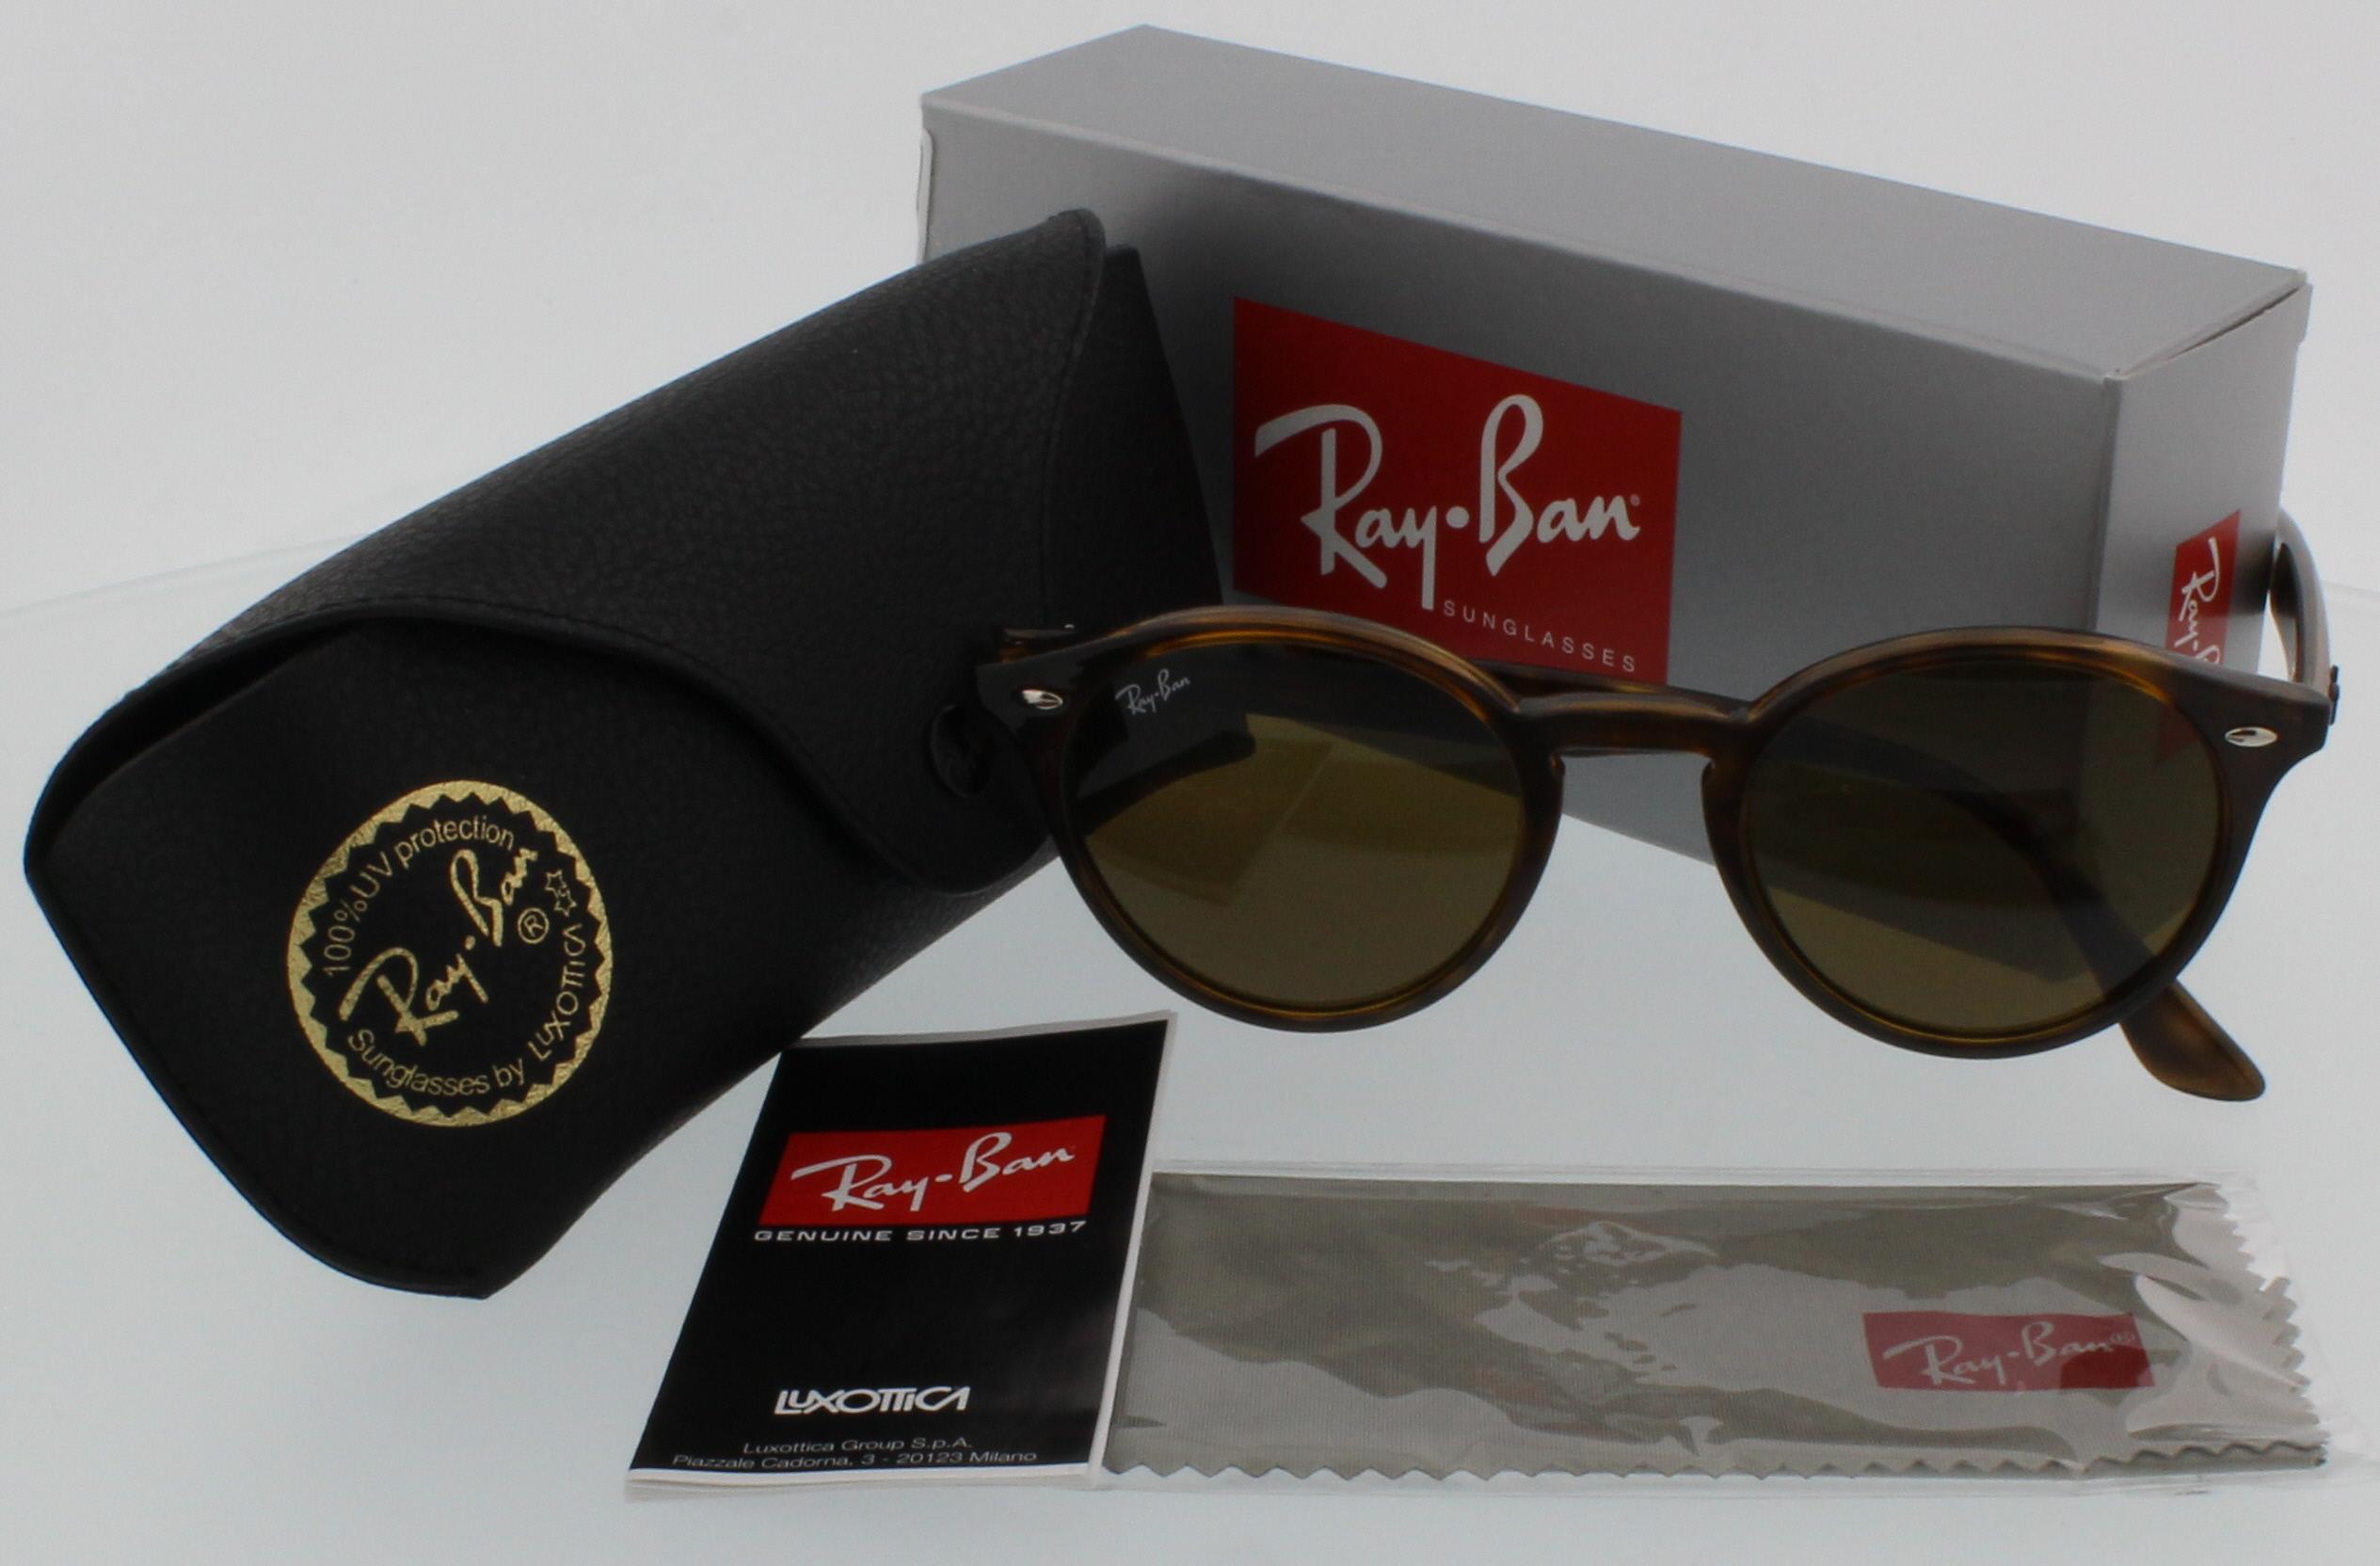 ea0008585e76 sweden kacamata rayban original aviator 3025 w3361 4a61f a3e49  spain  picture of ray ban sunglasses rb2180 474e4 6a208